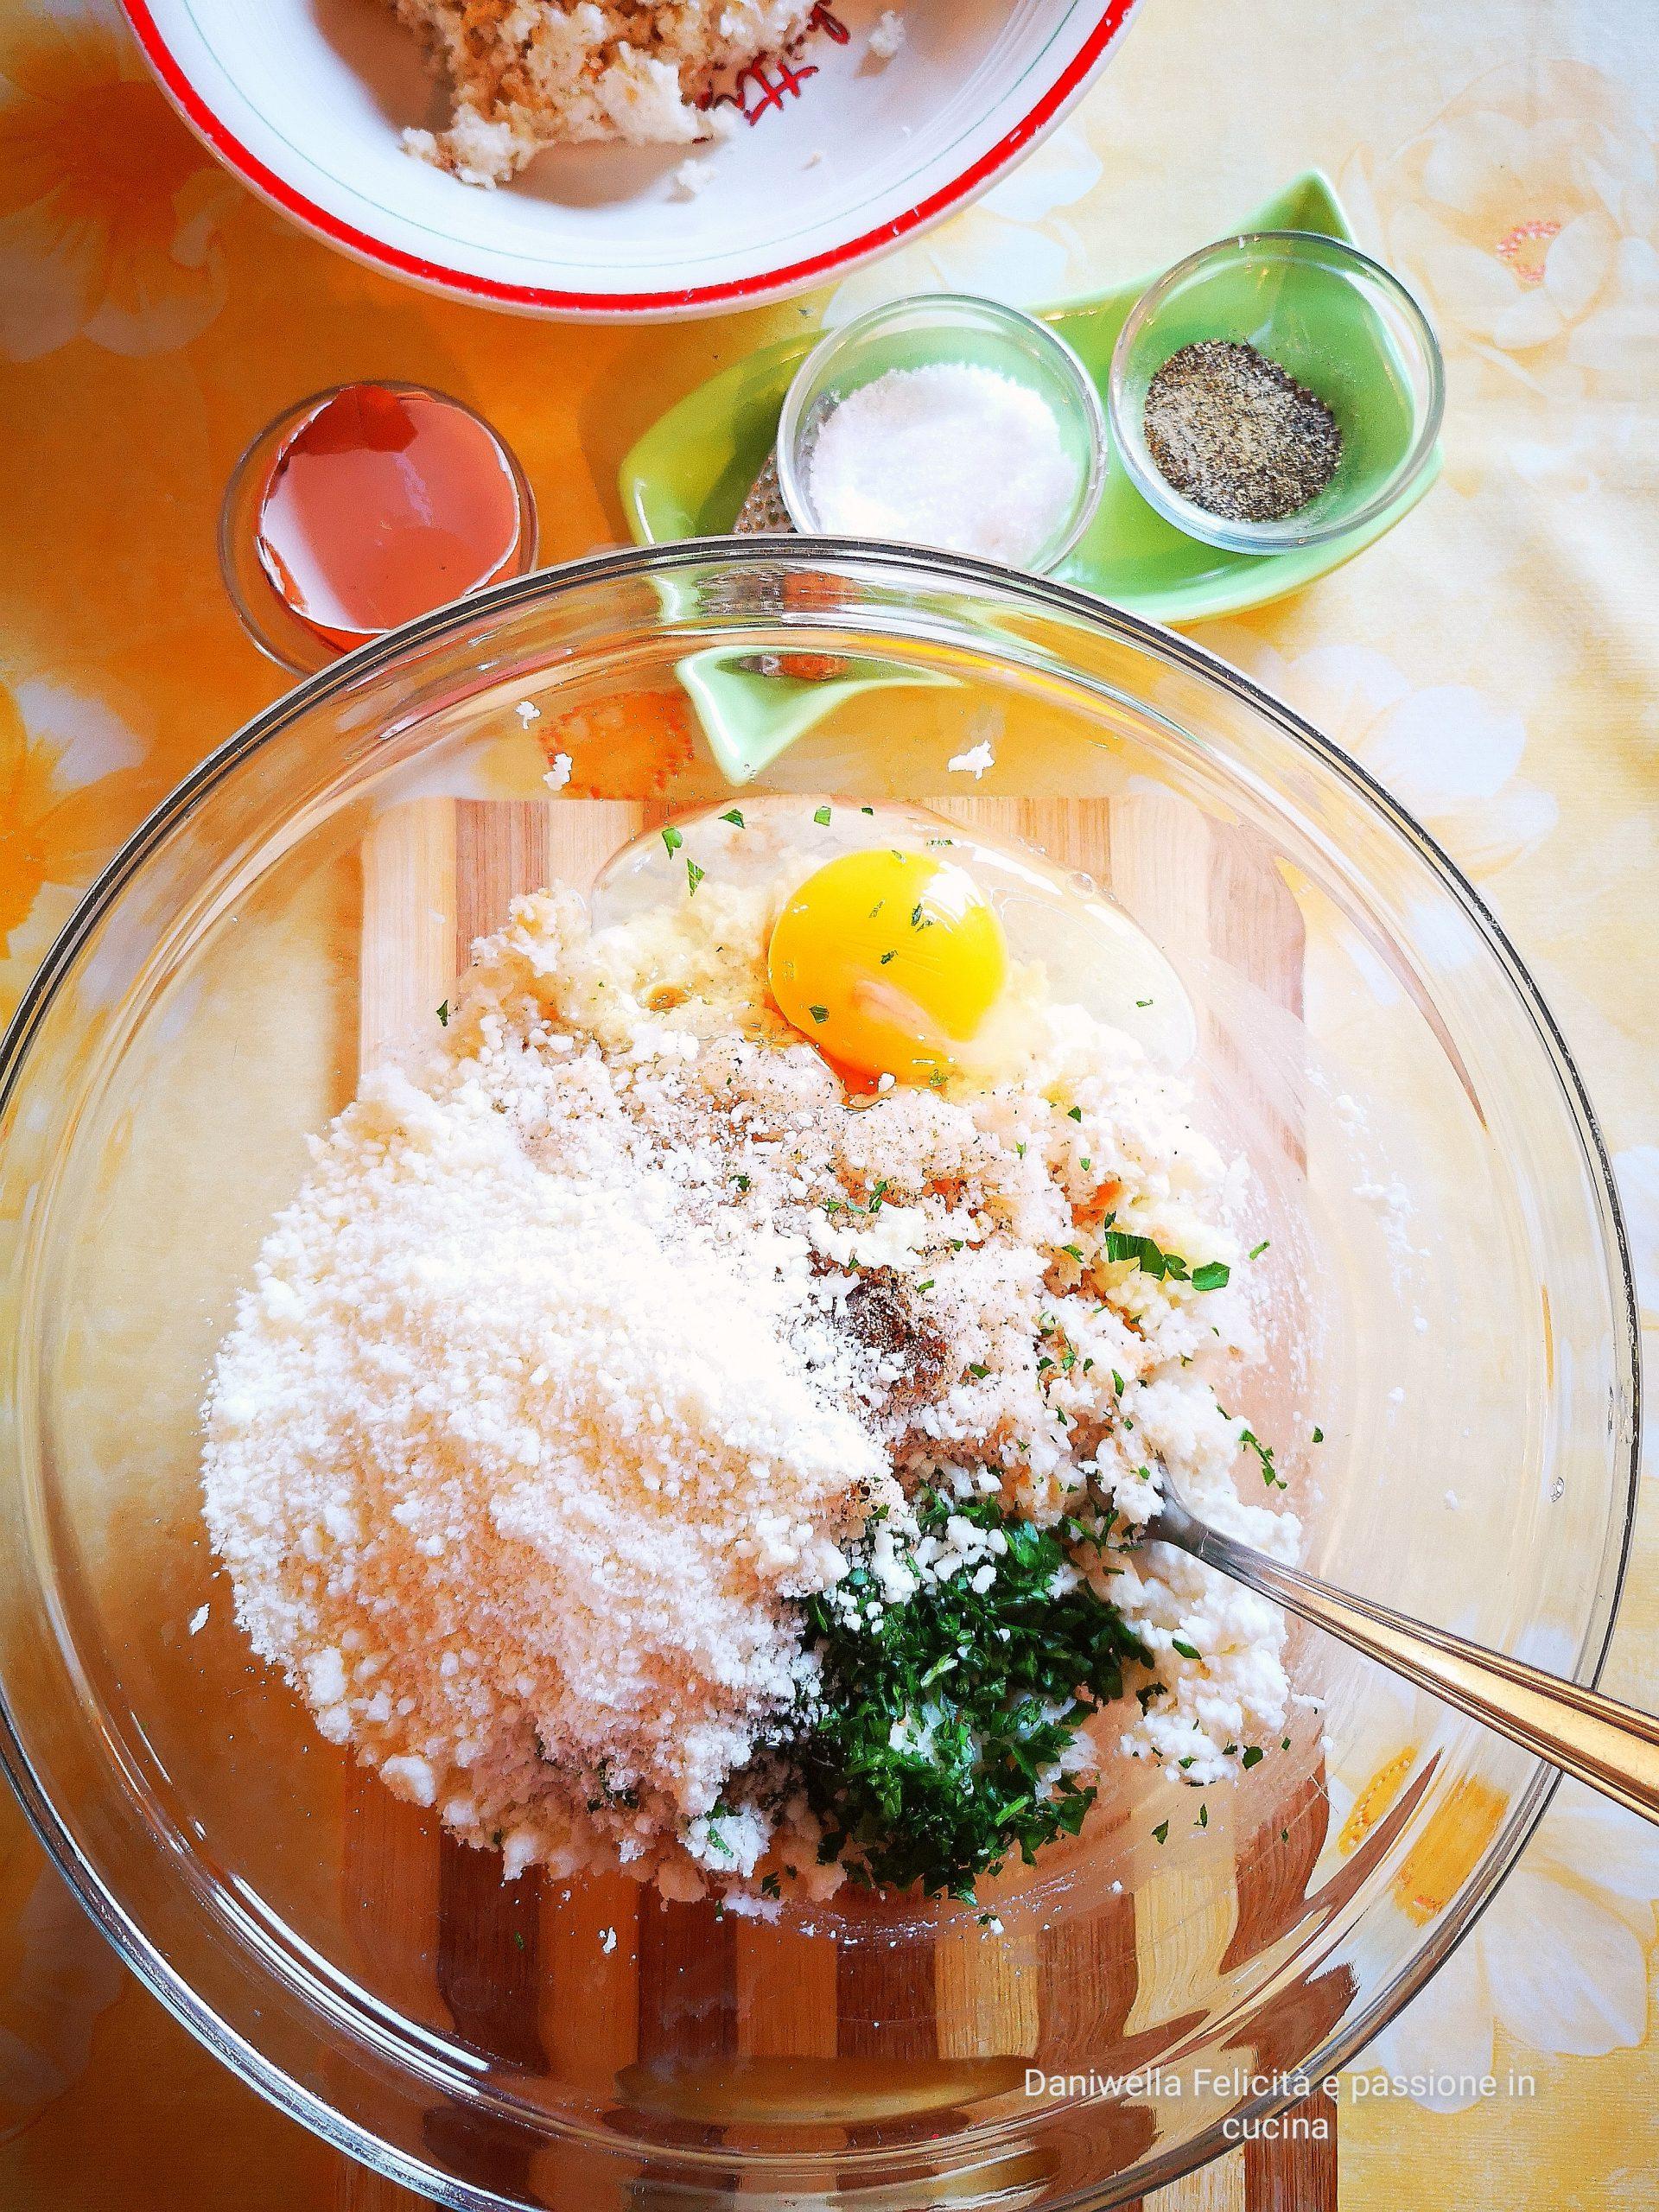 Mettete a bagno il pane e fatelo ammorbidire. Scolatelo, tritatelo con le mani e pesatene 200 g. In una ciotola mescolate la ricotta che avrete precedentemente schiacciato con una forchetta, il pane, l'uovo, il prezzemolo, il parmigiano reggiano, l'aglio, il pepe e la noce moscata.